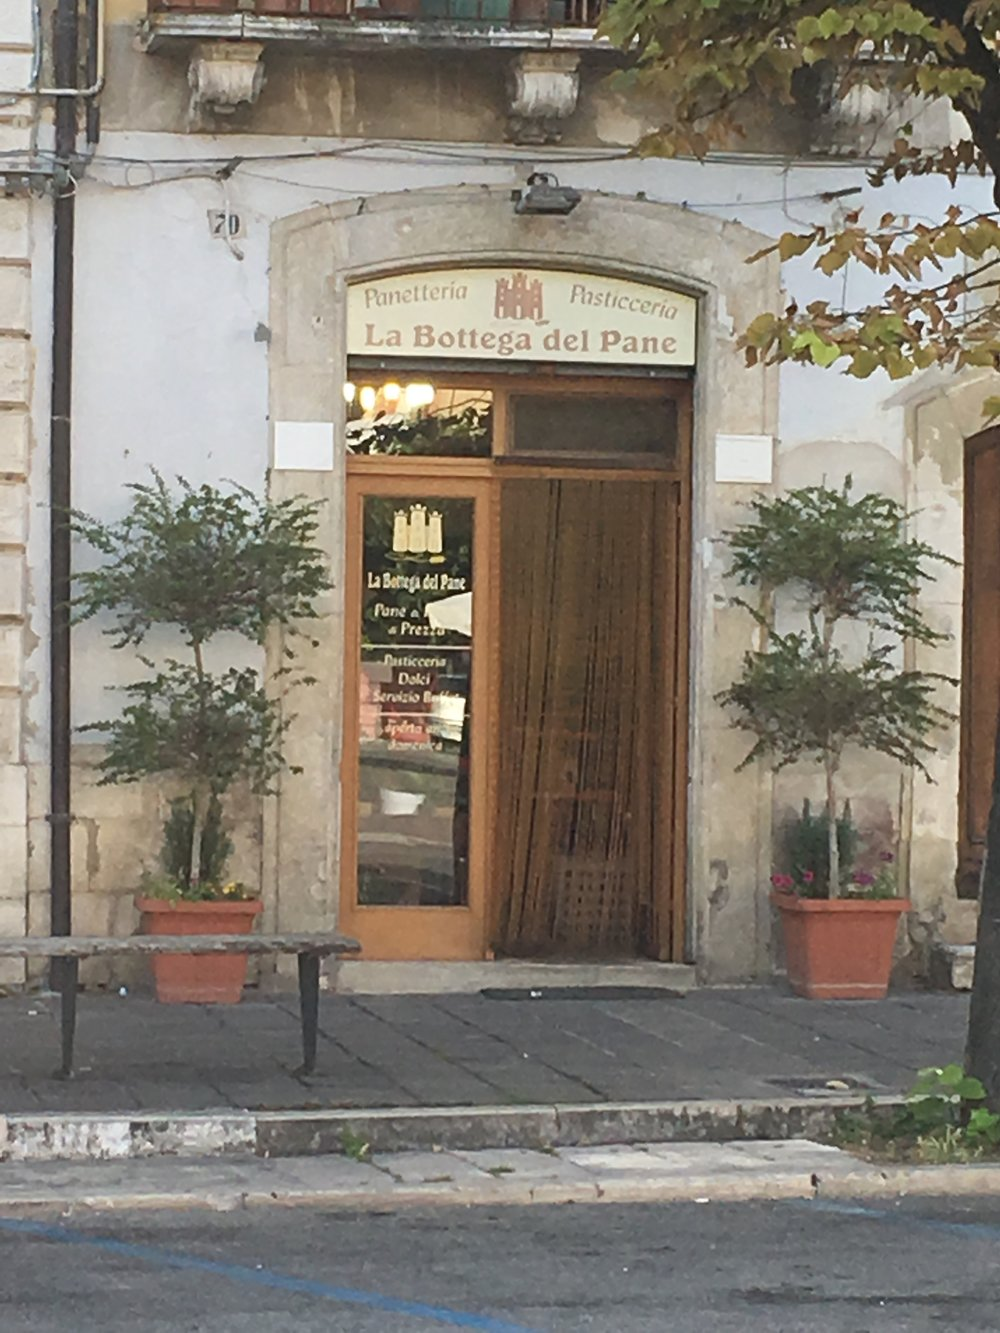 Bakery piu fresca in Sulmona